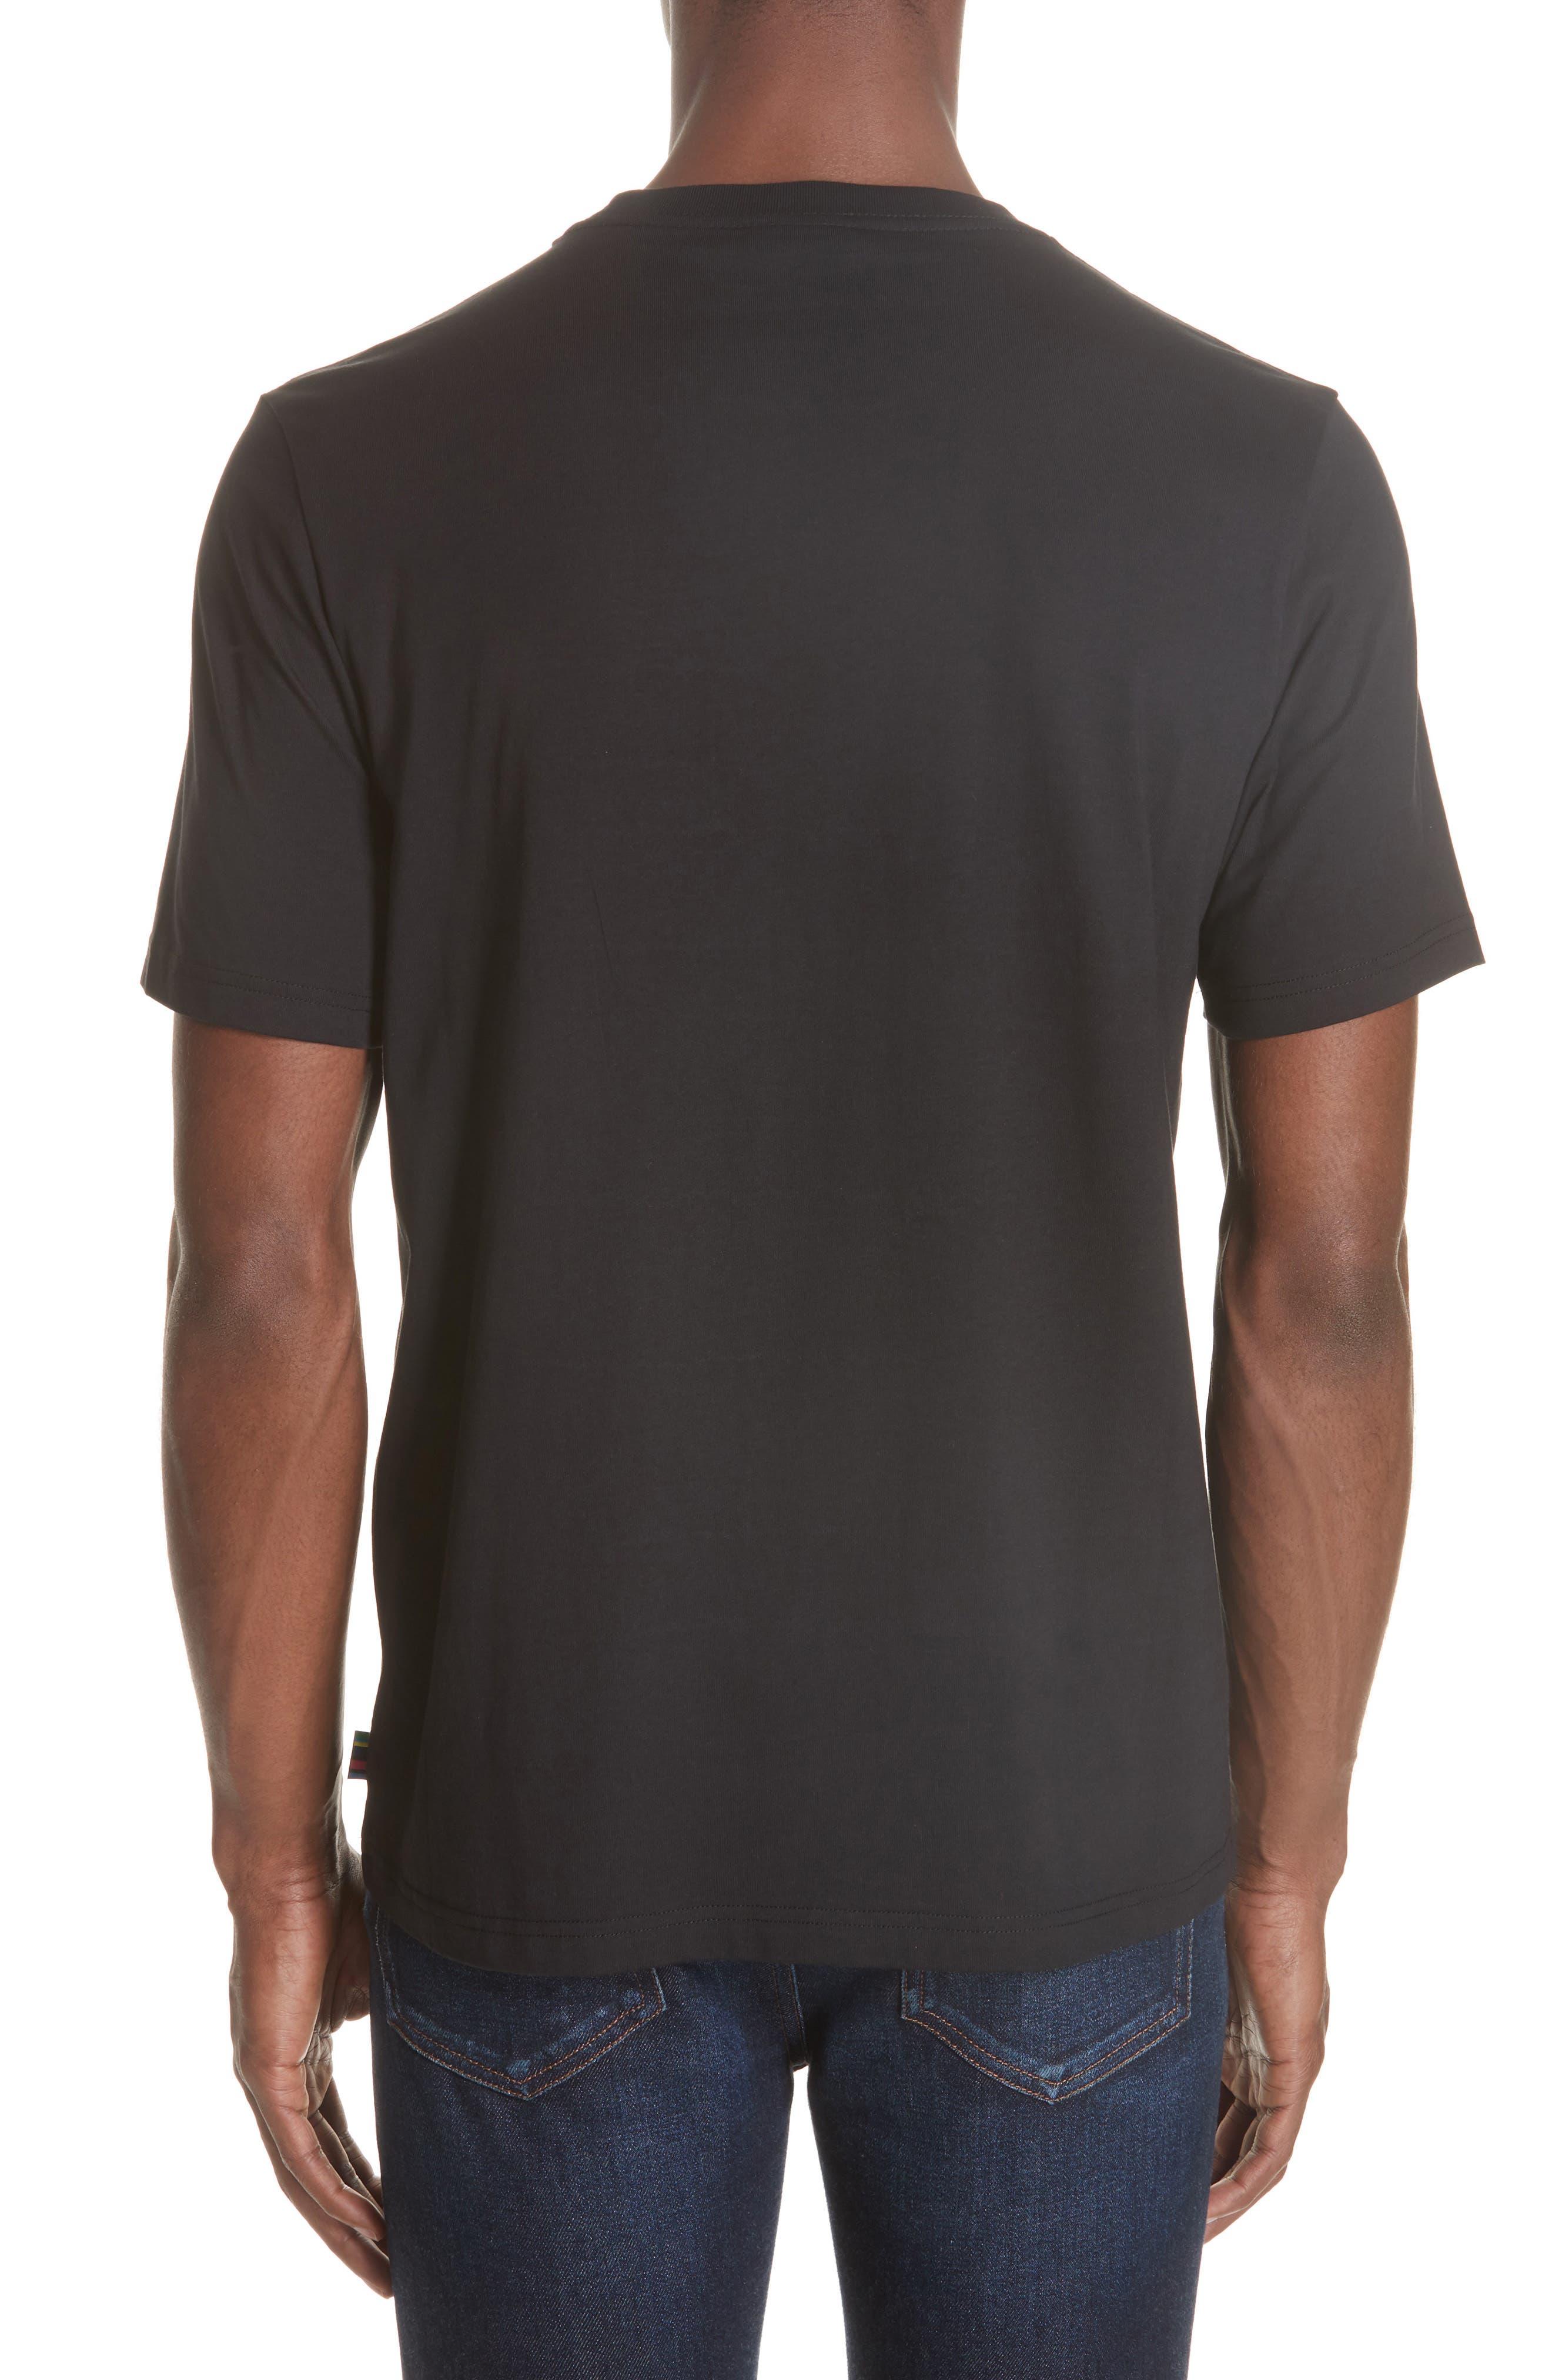 Noise Print T-Shirt,                             Alternate thumbnail 2, color,                             BLACK